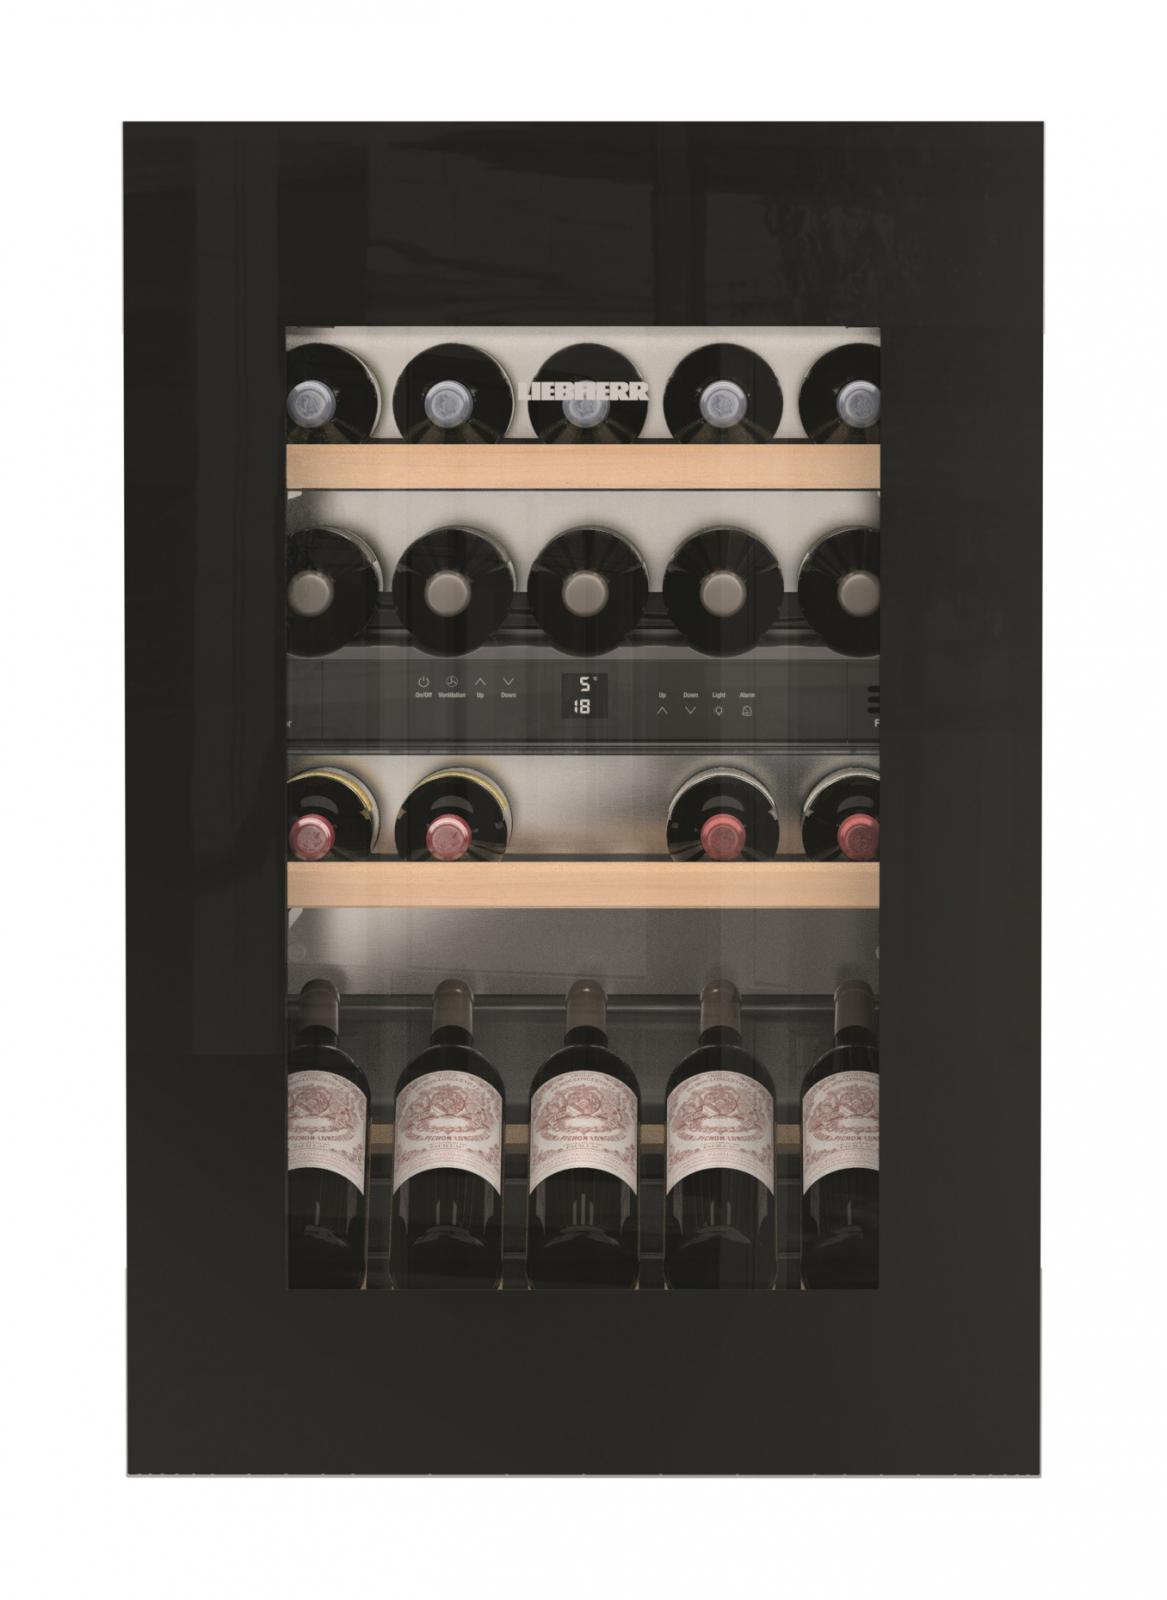 купить Встраиваемый винный шкаф Liebherr EWTgb 1683 Украина фото 1